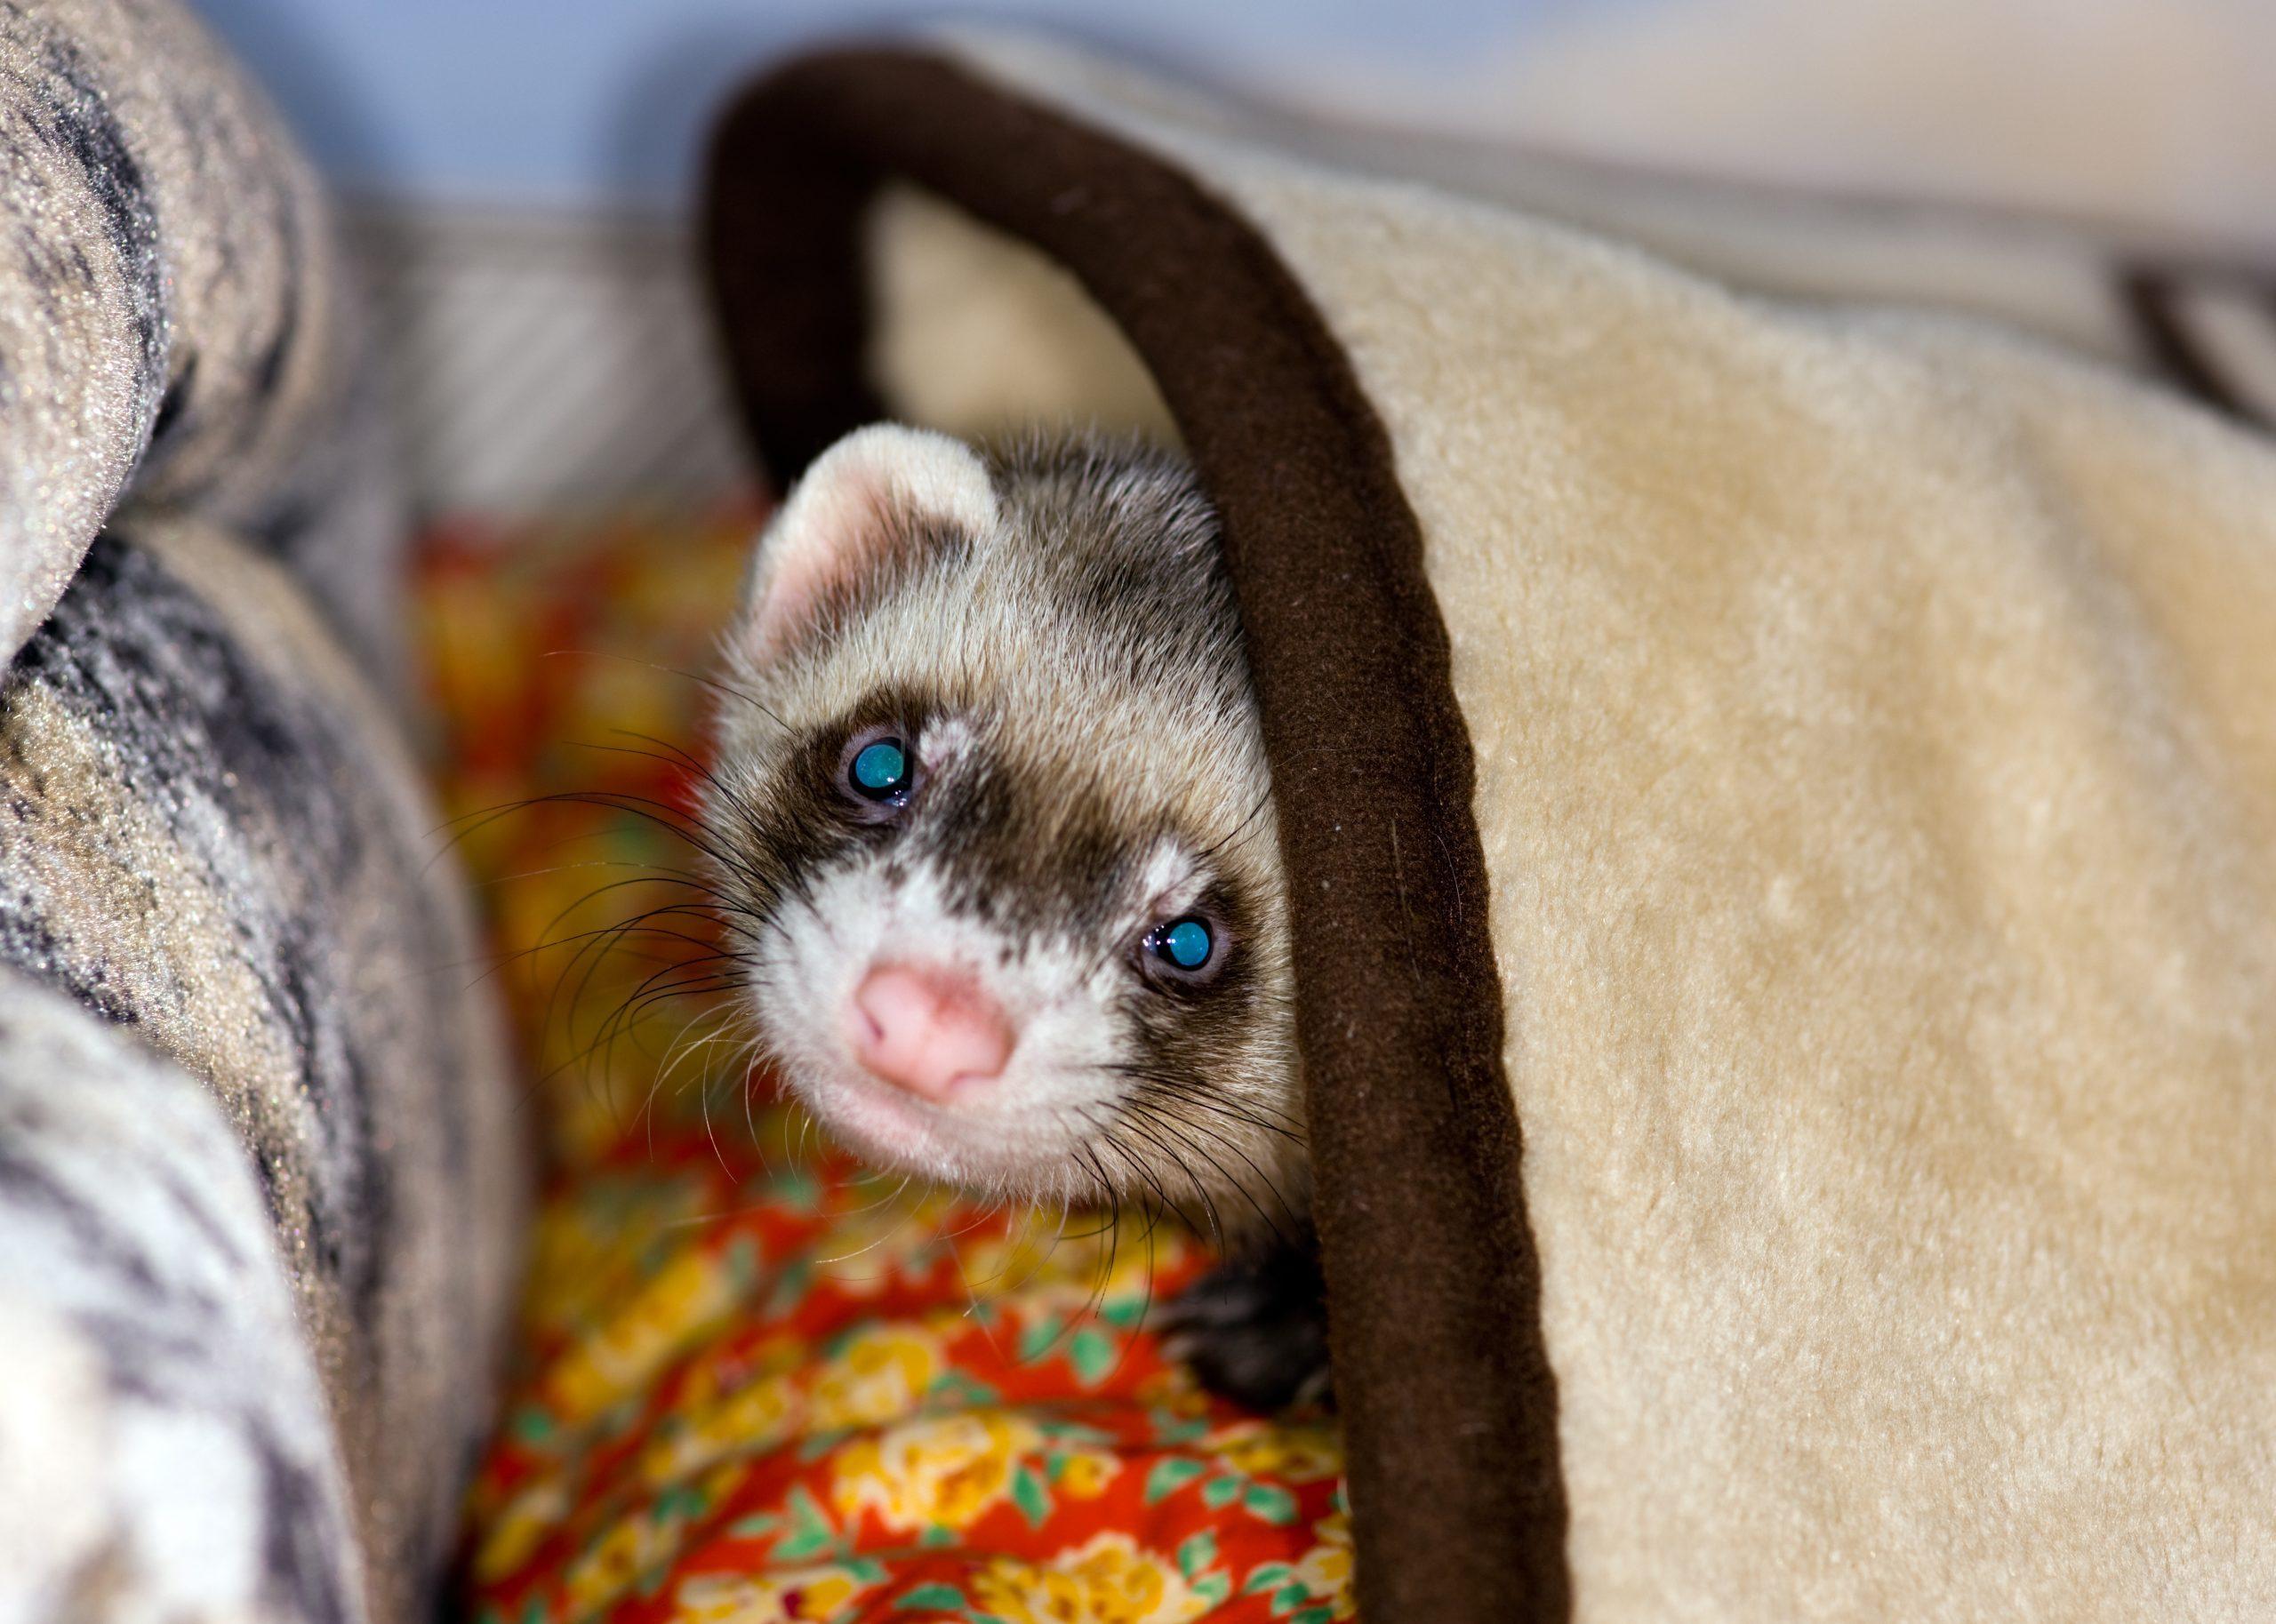 Polecat under a blanket